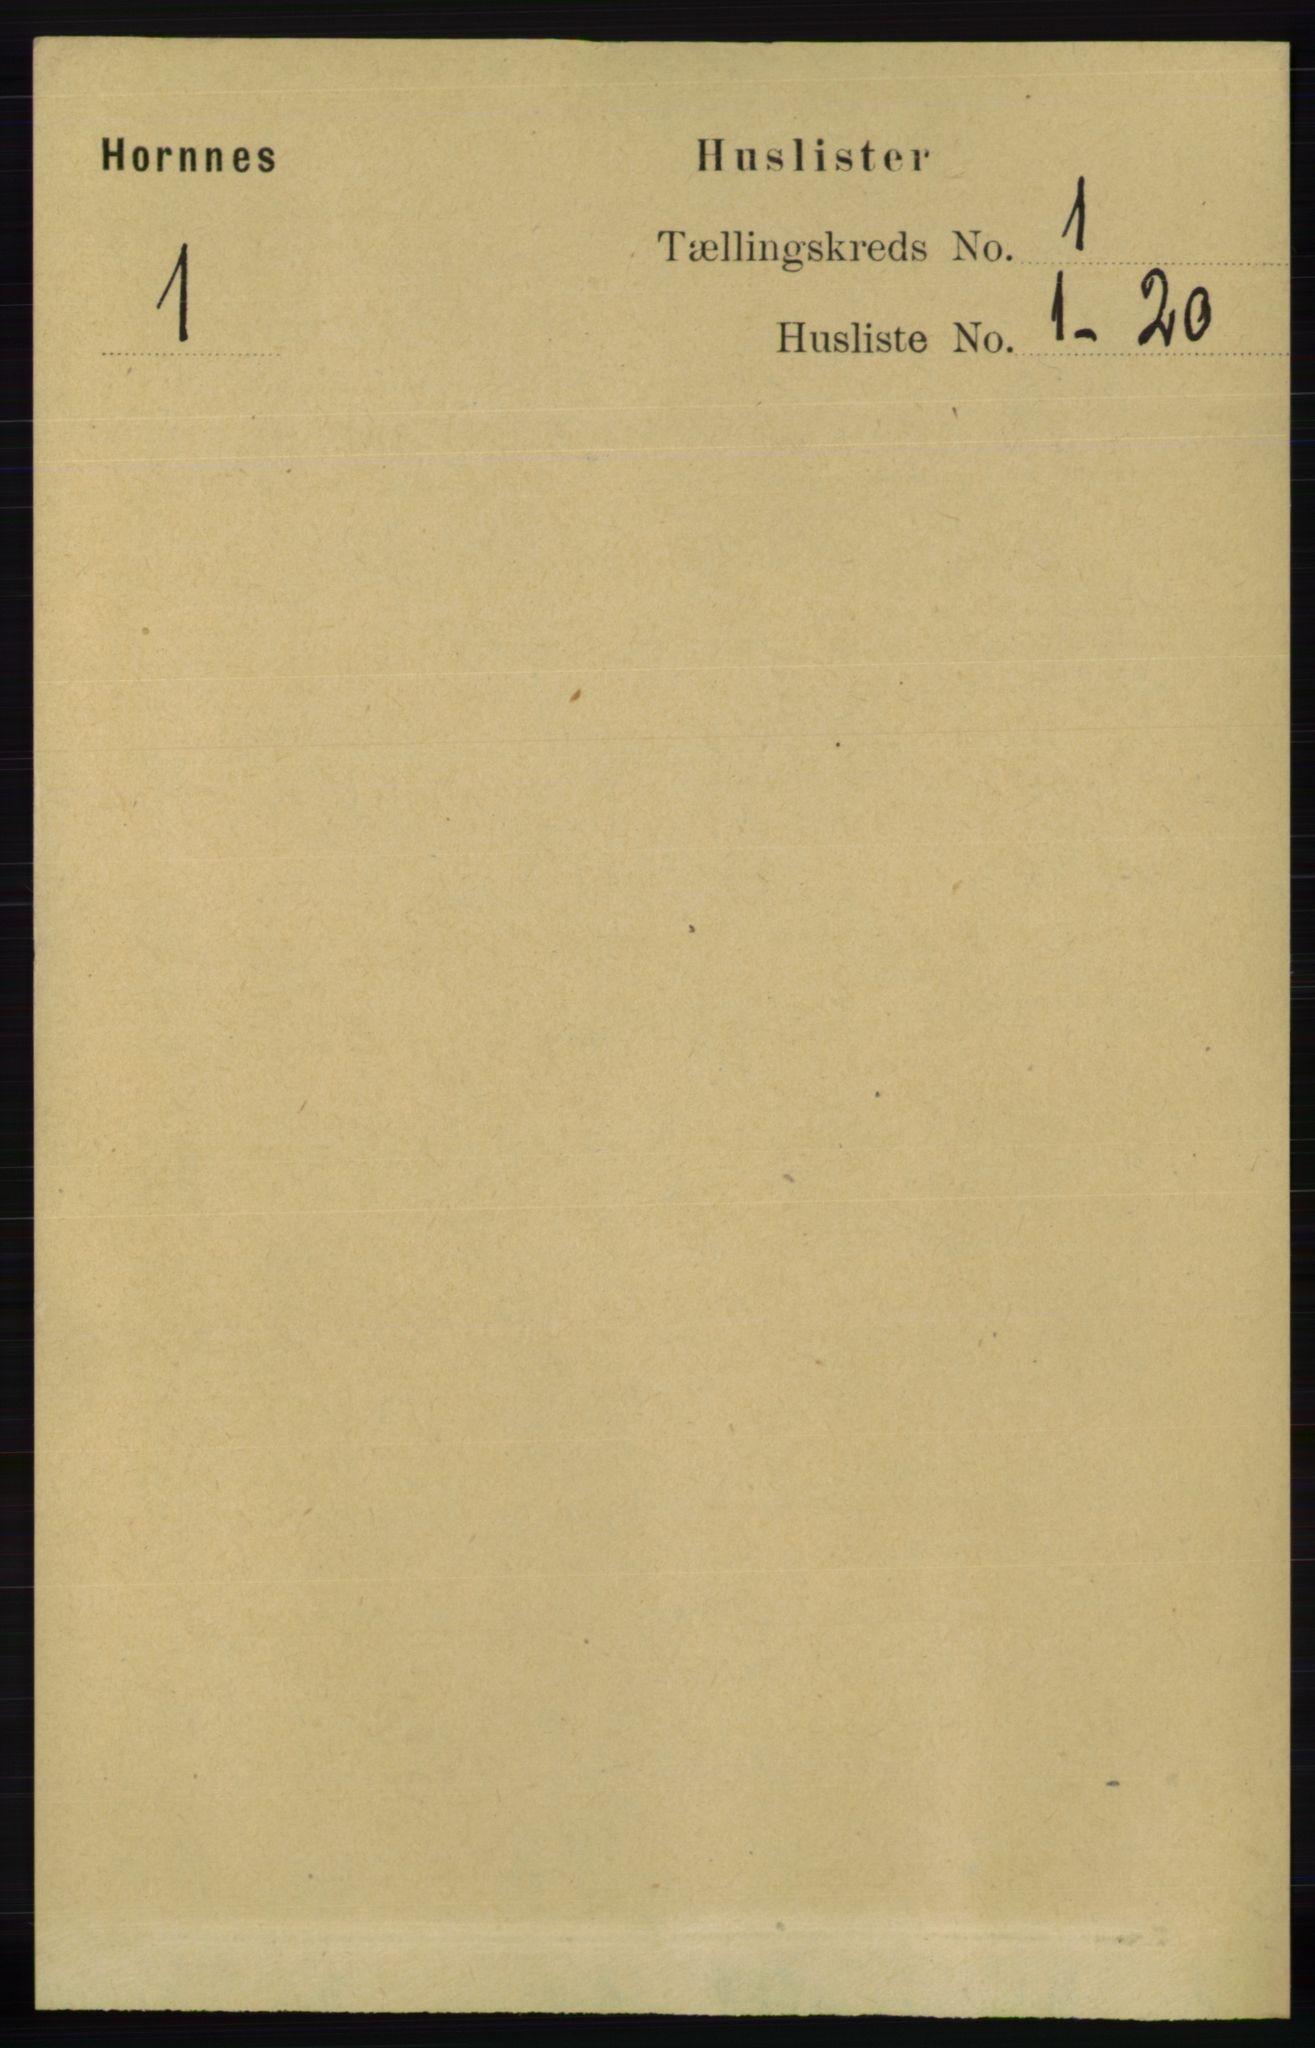 RA, Folketelling 1891 for 0936 Hornnes herred, 1891, s. 15